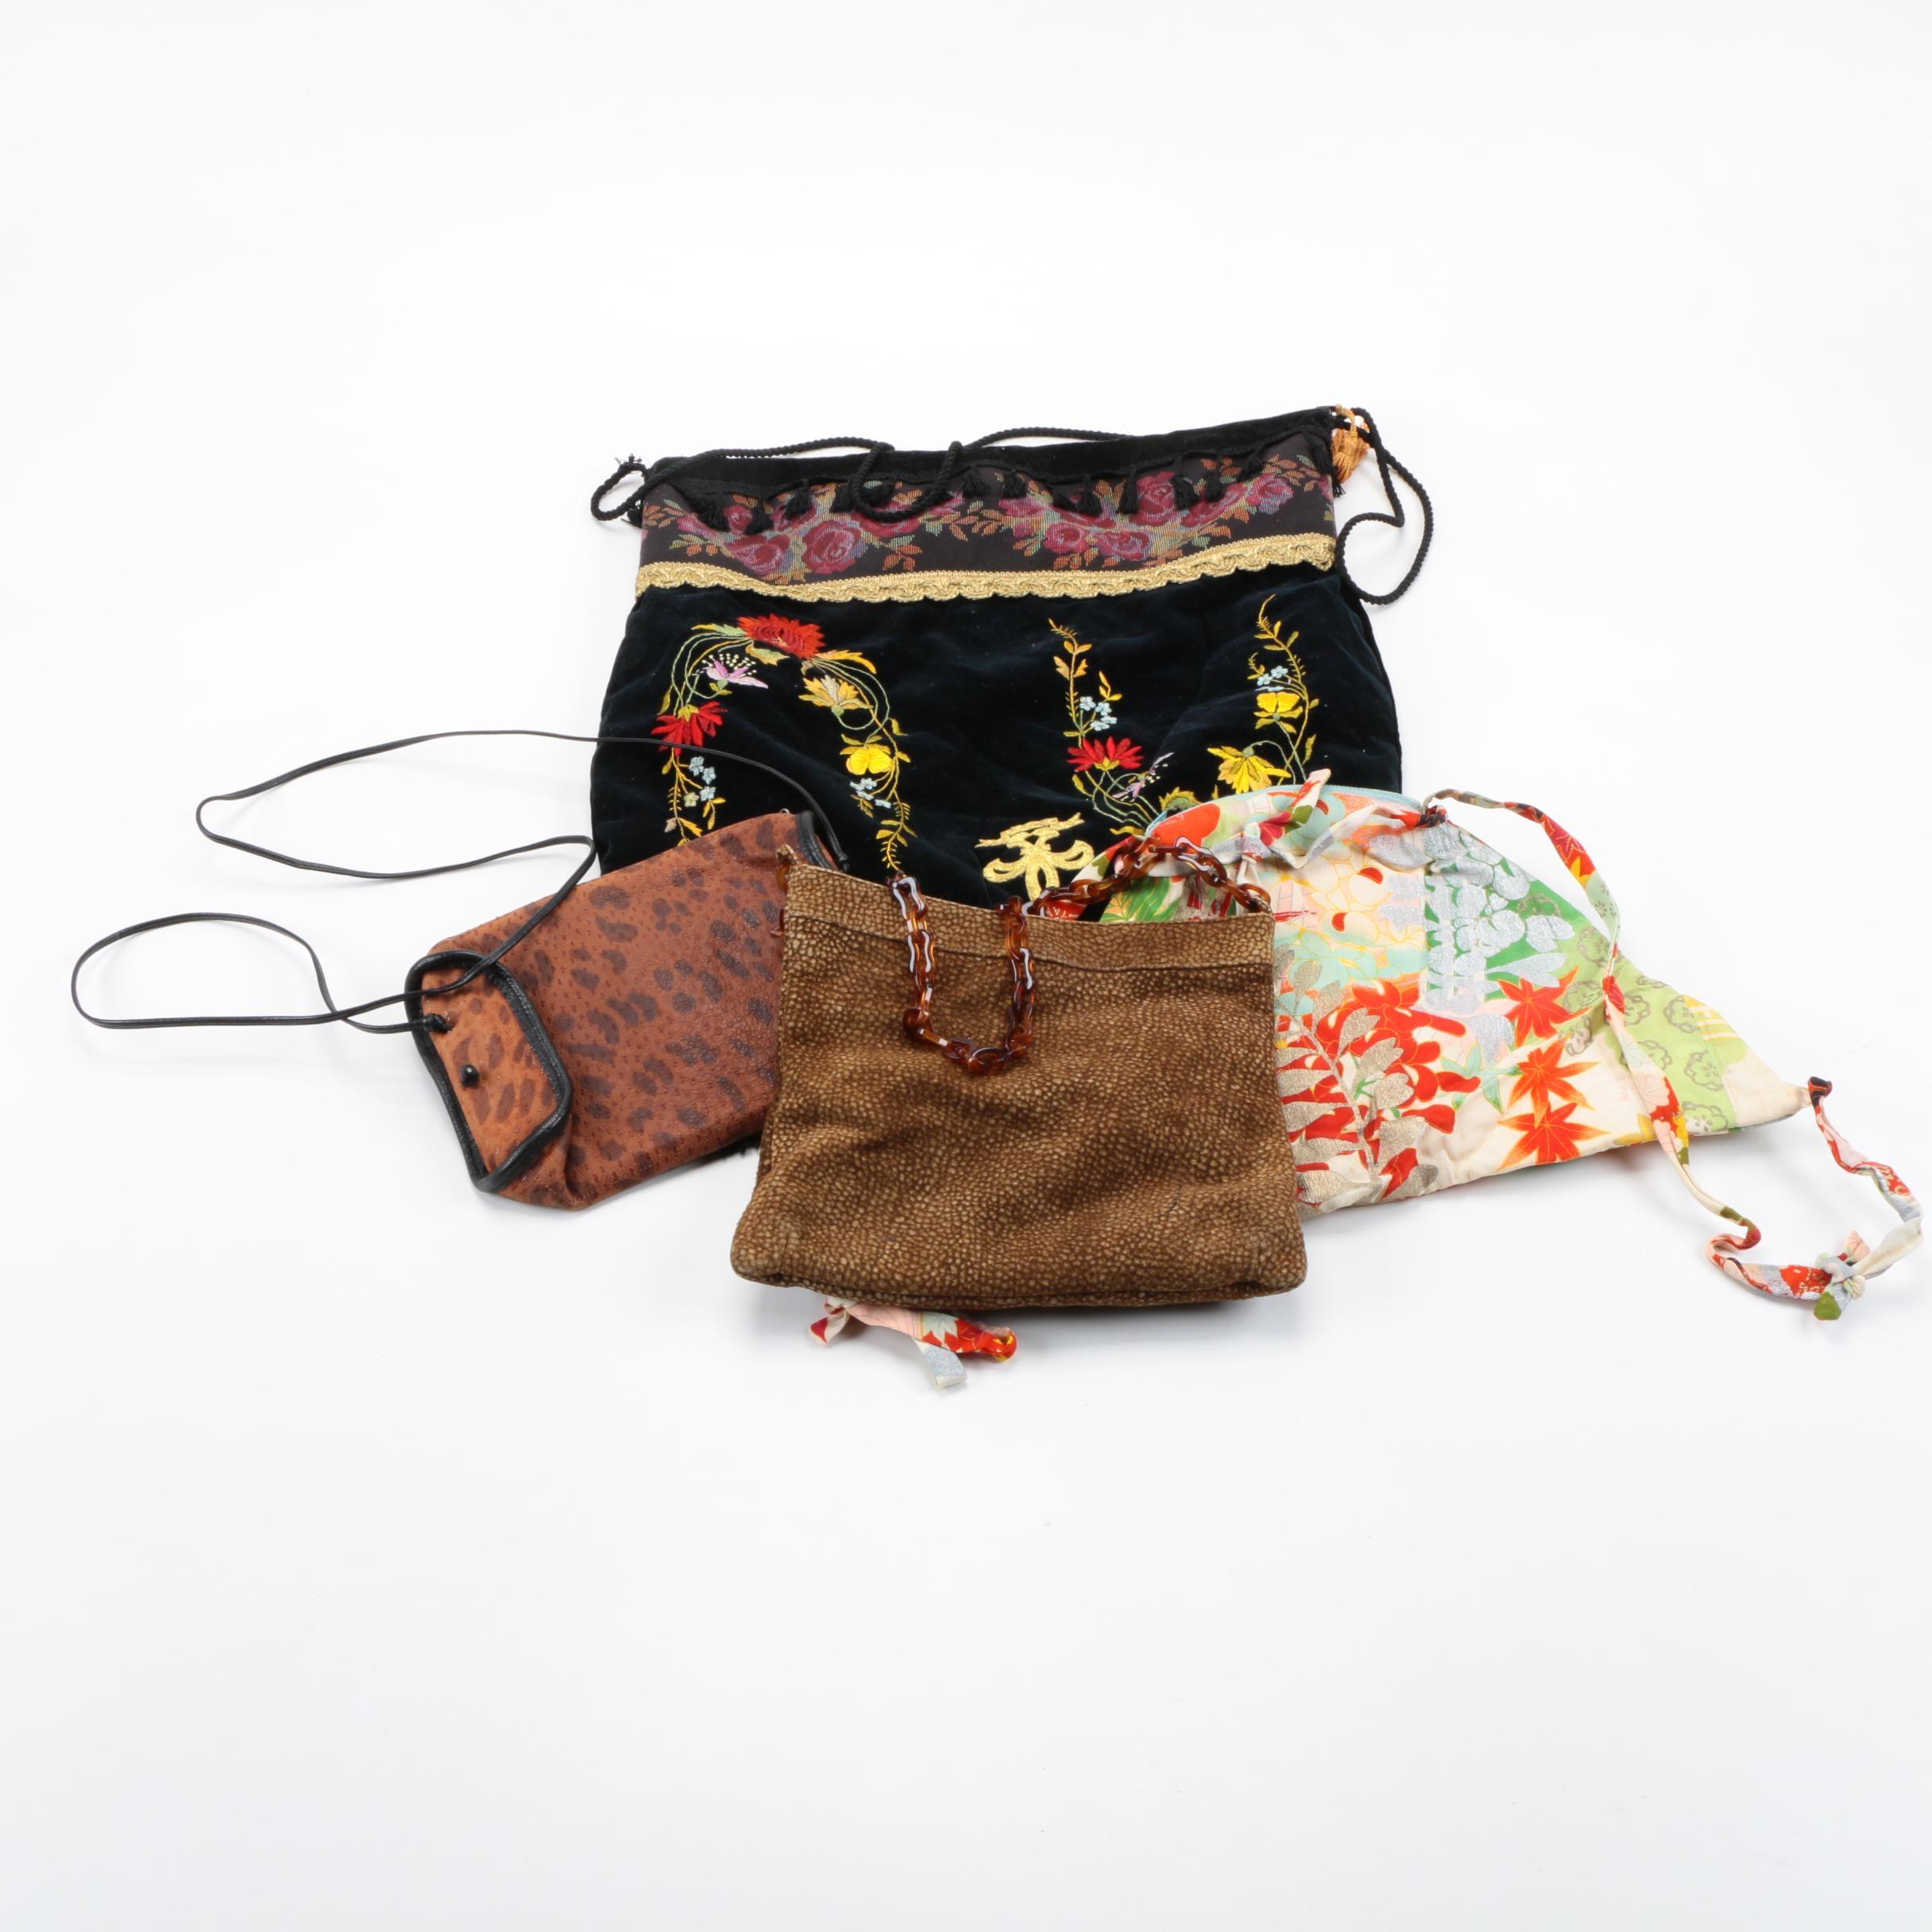 Vintage Handbags Including Henri Bendel and Morris Moskowitz